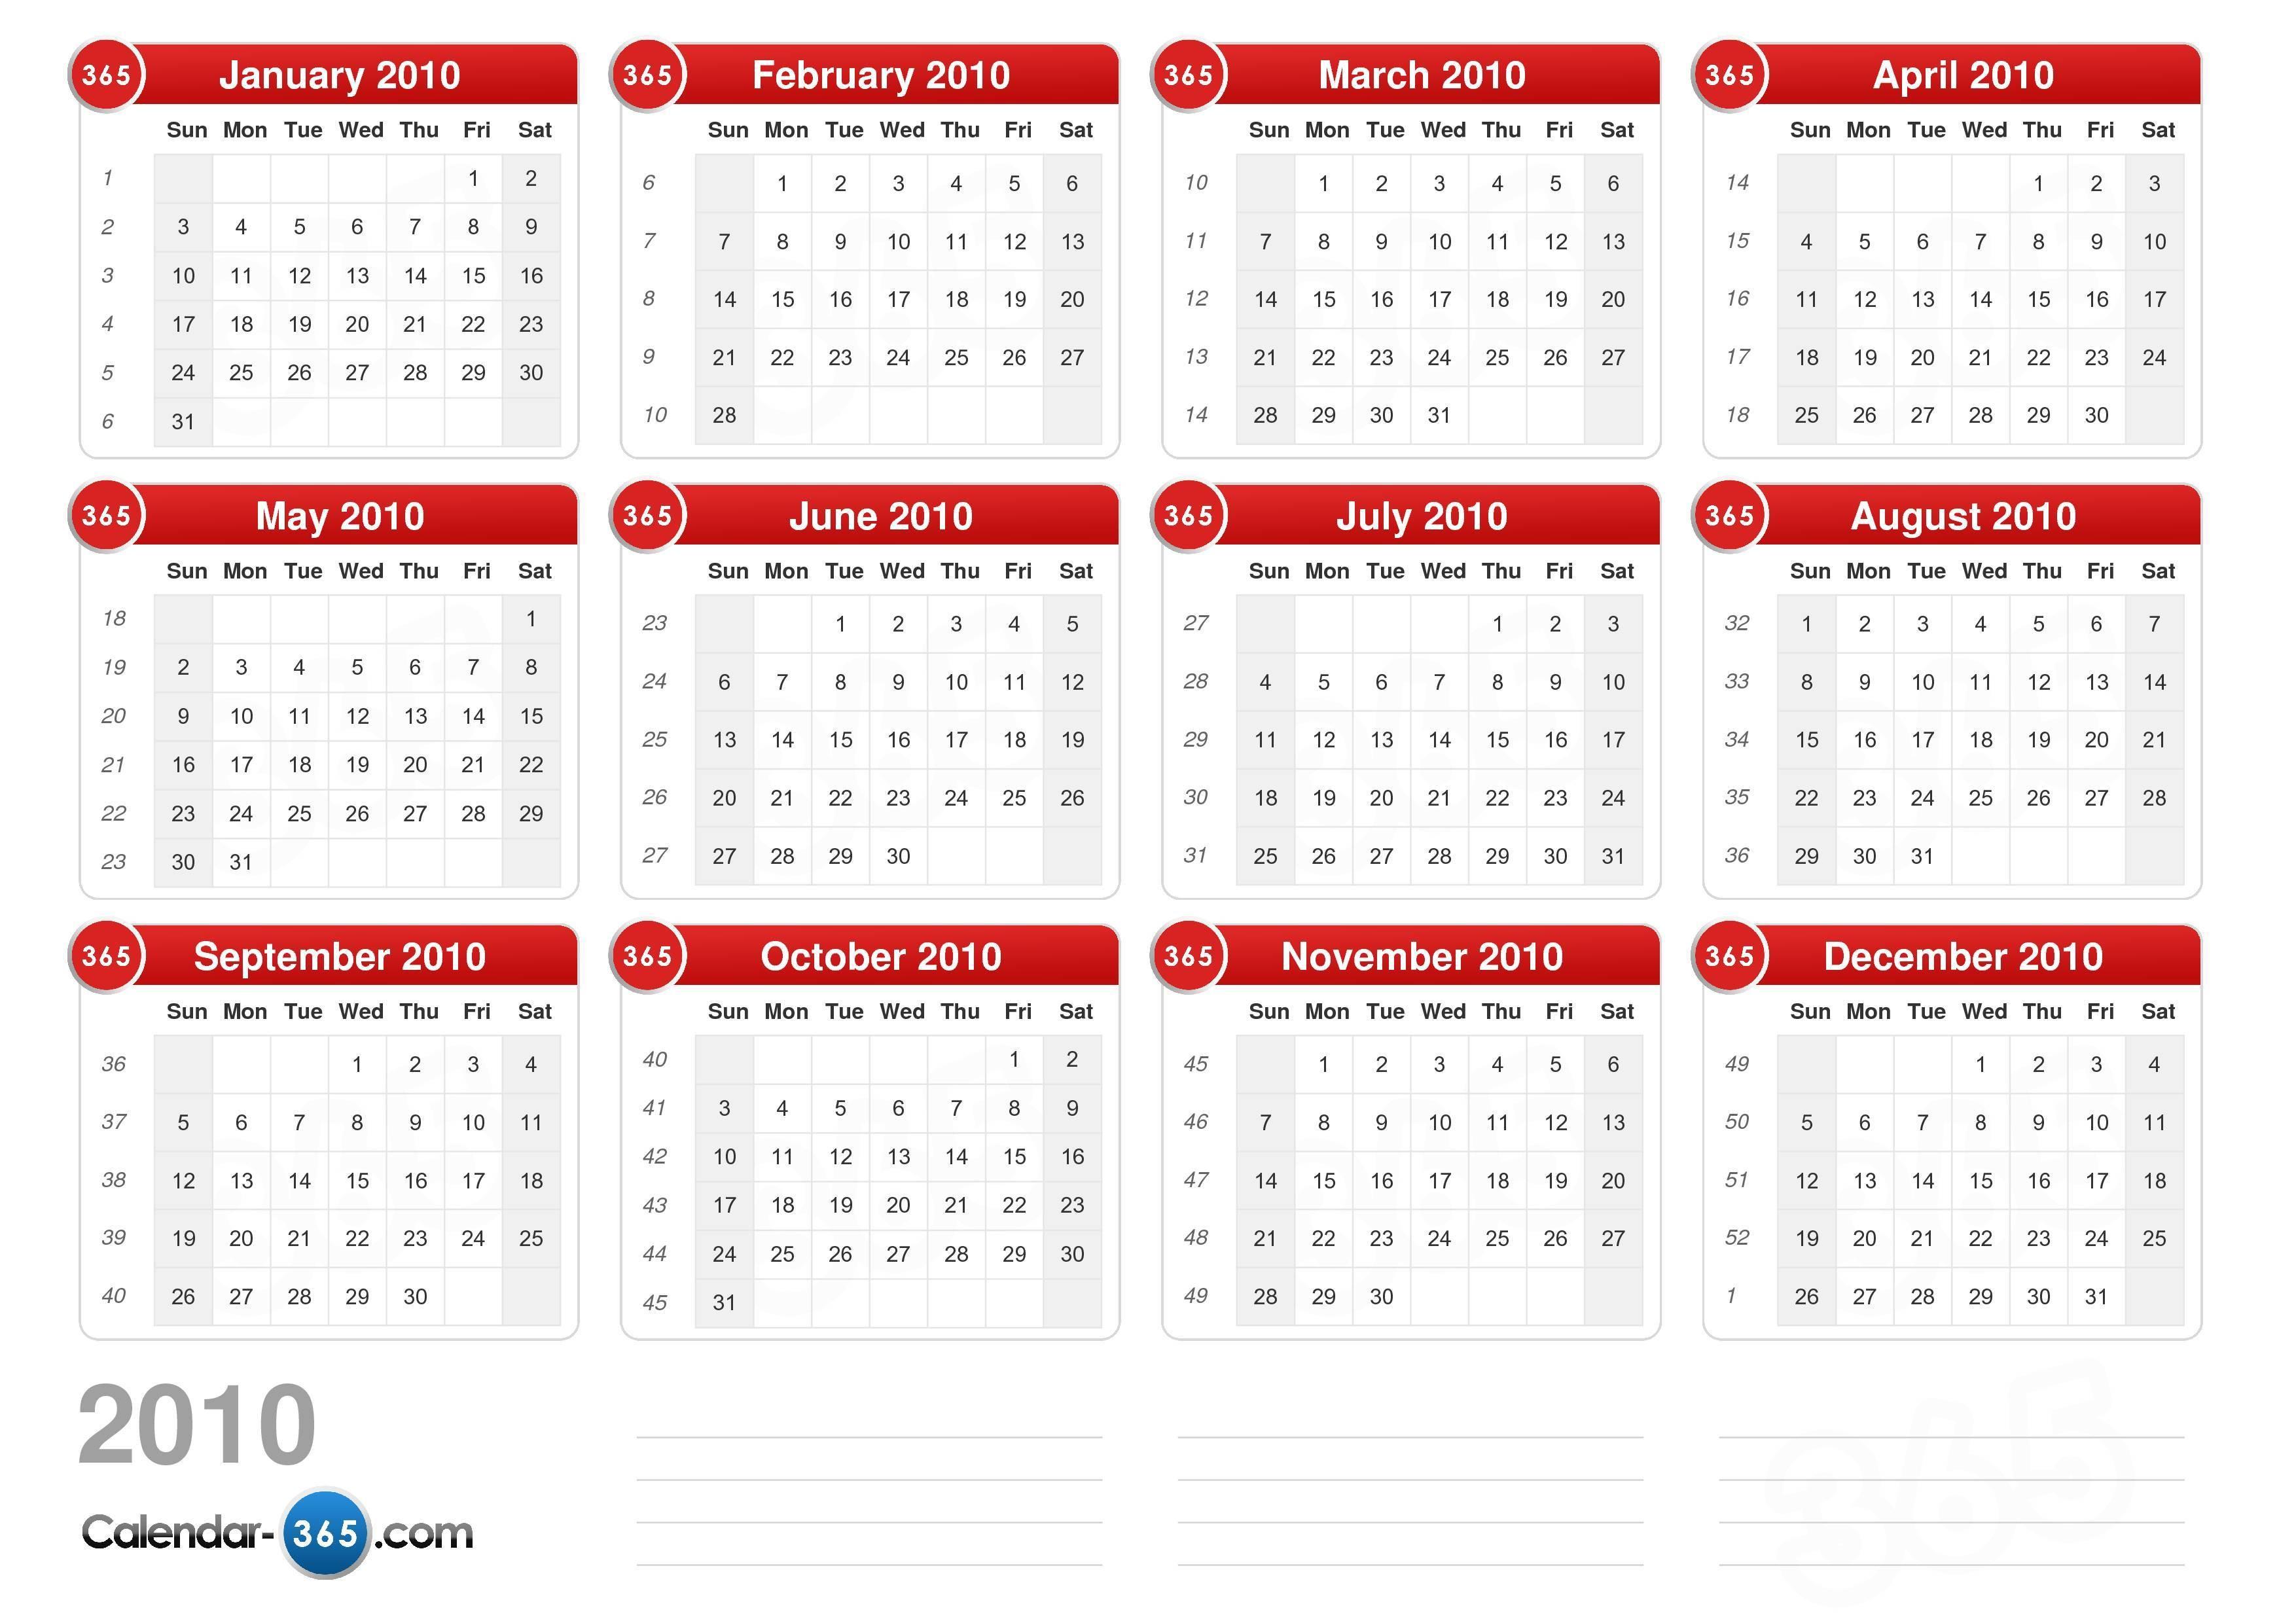 March Calendar Print Out Más Caliente 2010 Calendar Of March Calendar Print Out Recientes Monthly Calendar 2015 Template Printable 2016 Calendar Templates